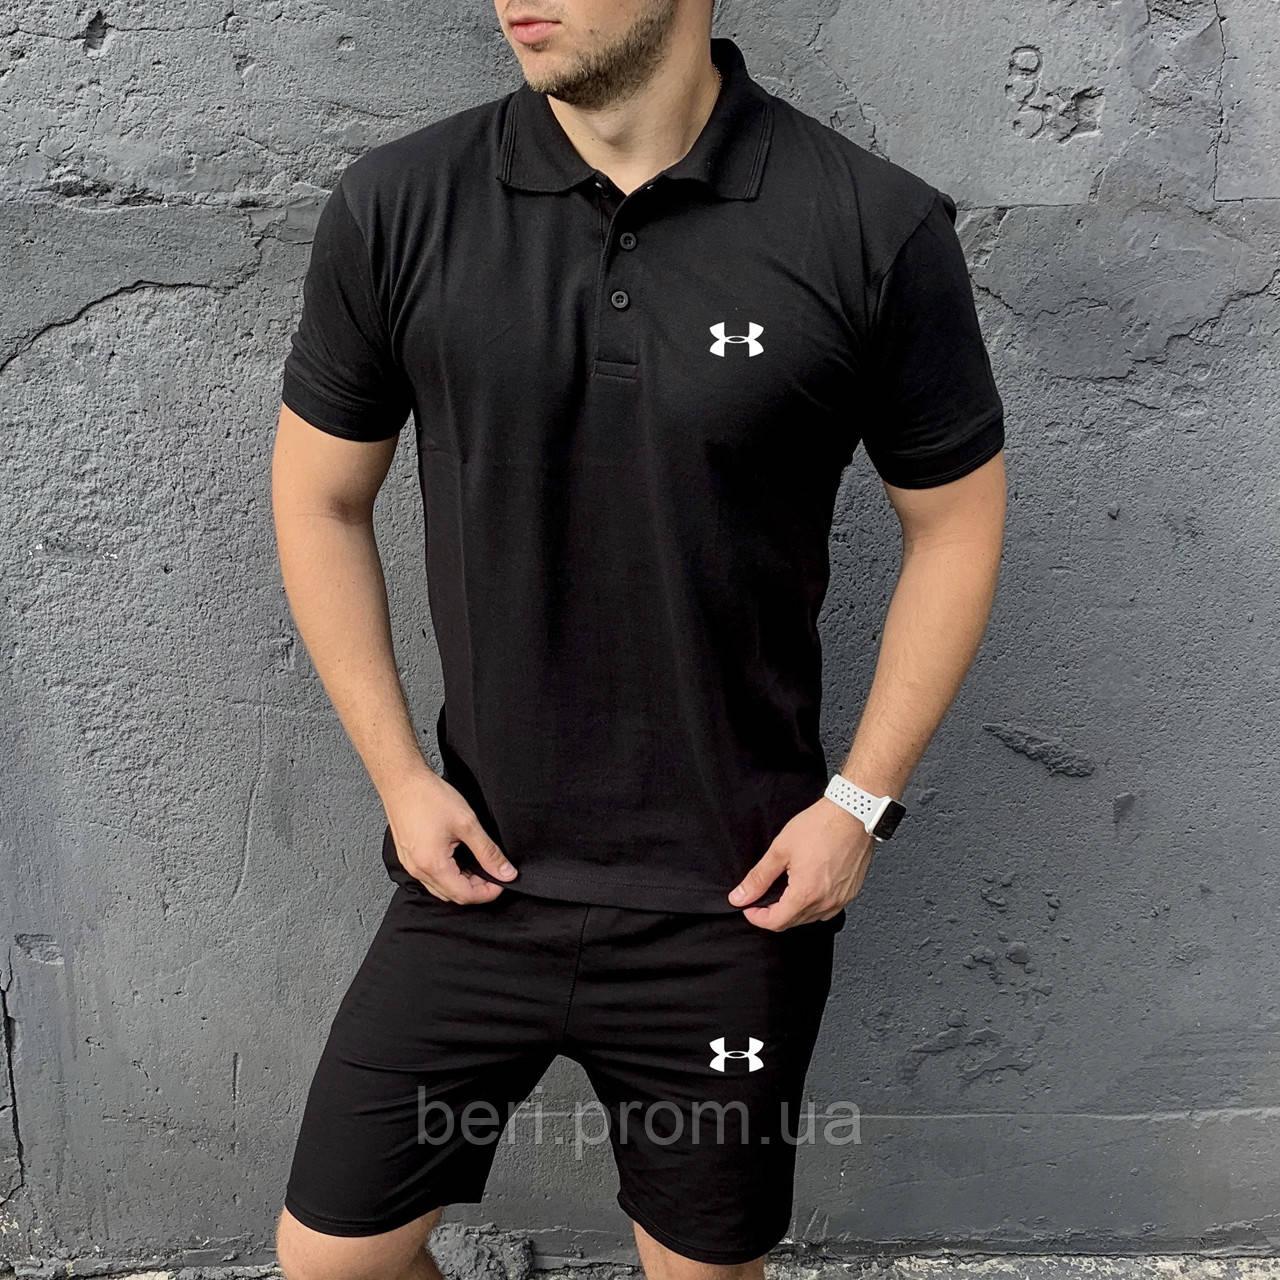 Under Armour | Мужской летний спортивный костюм, комплект мужские шорты и мужская футболка поло | Андер Армор